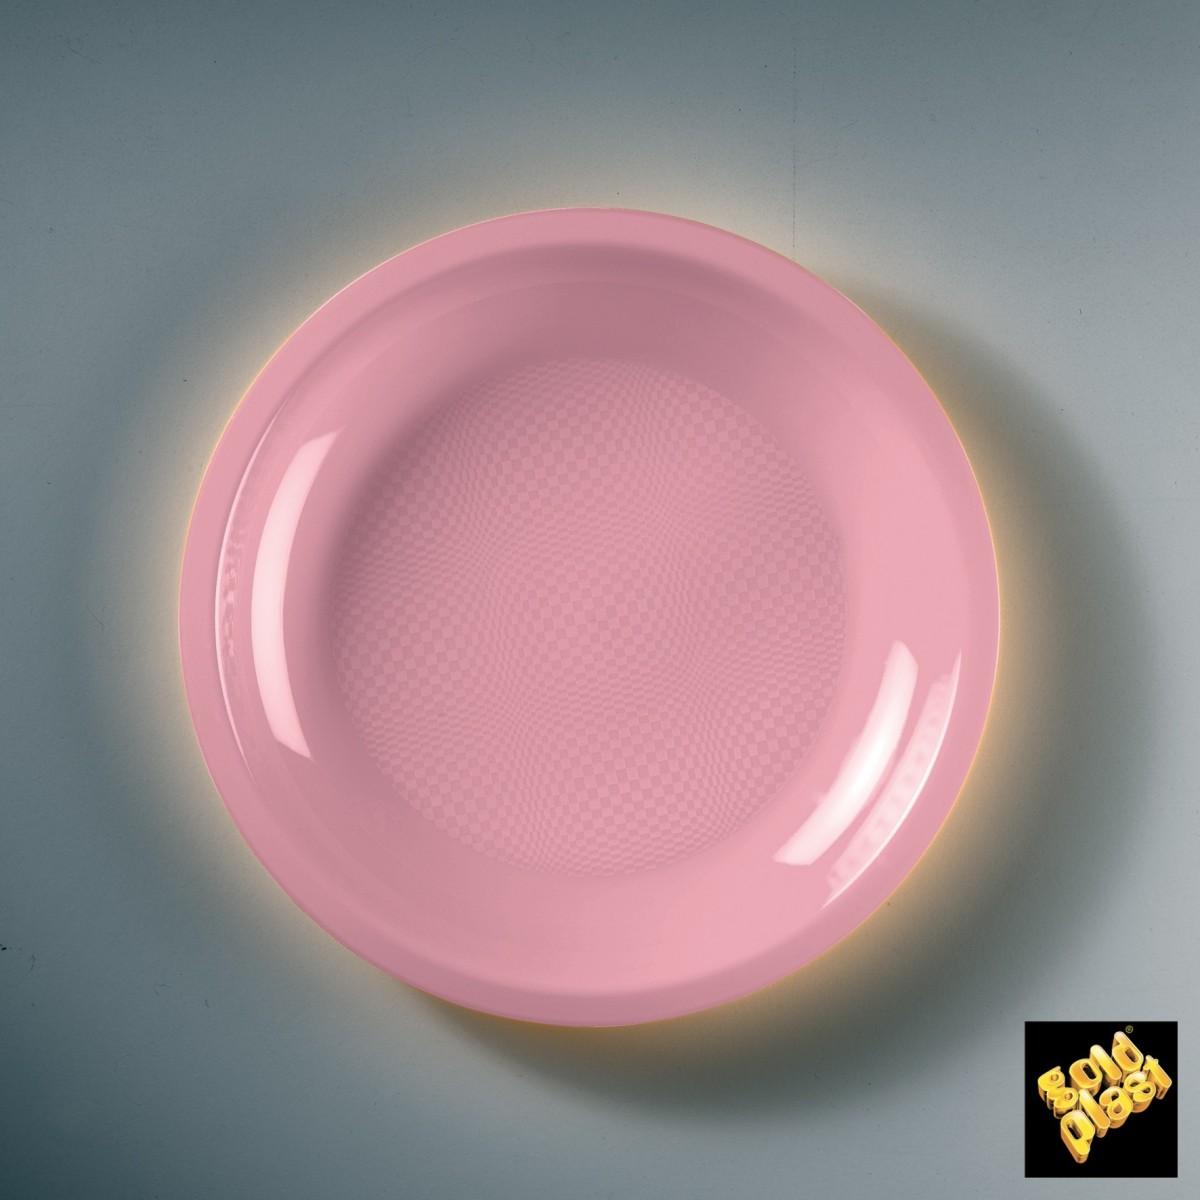 Piatto da Dessert in Plastica Colorato Diam. Cm.18,5 Confezione 50 Pezzi Rosa